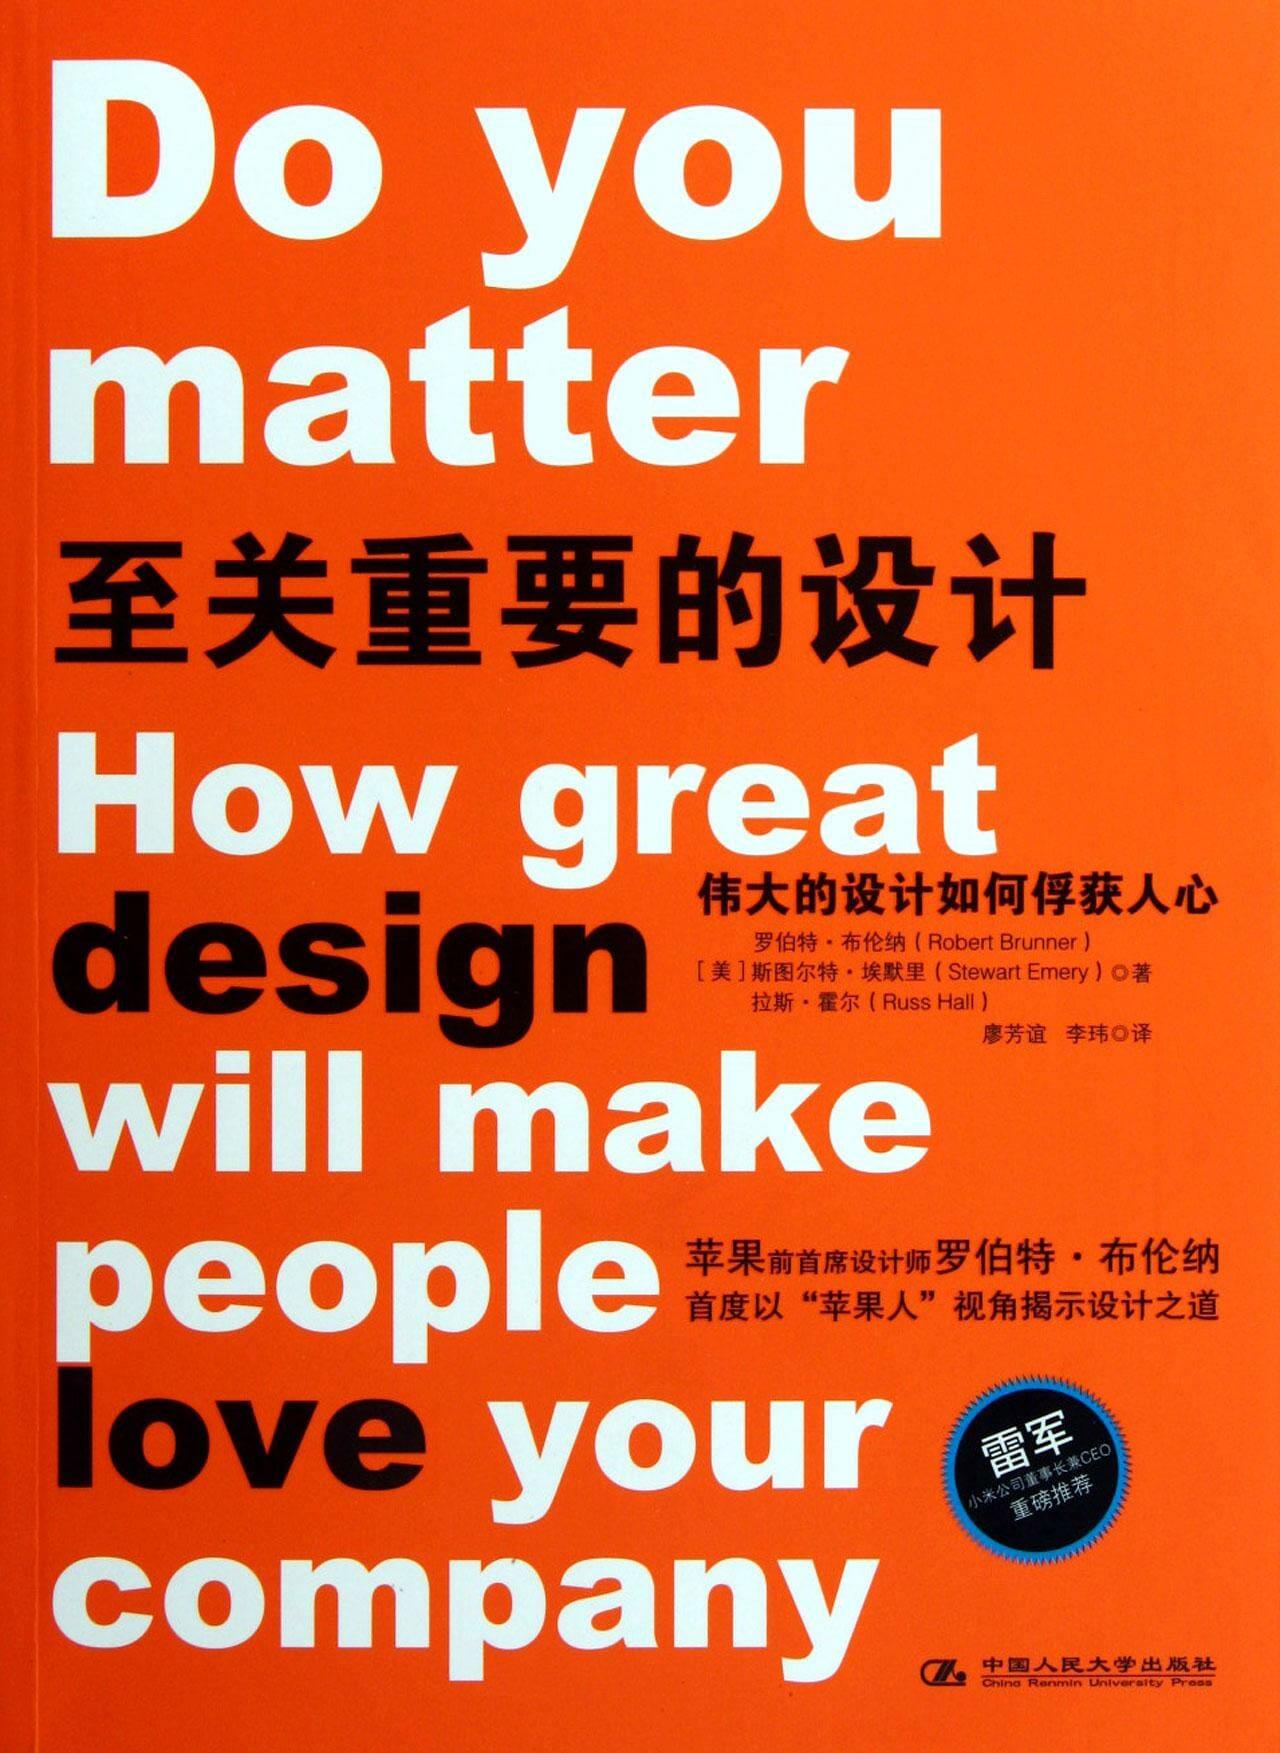 《至关重要的设计》摘要与心得